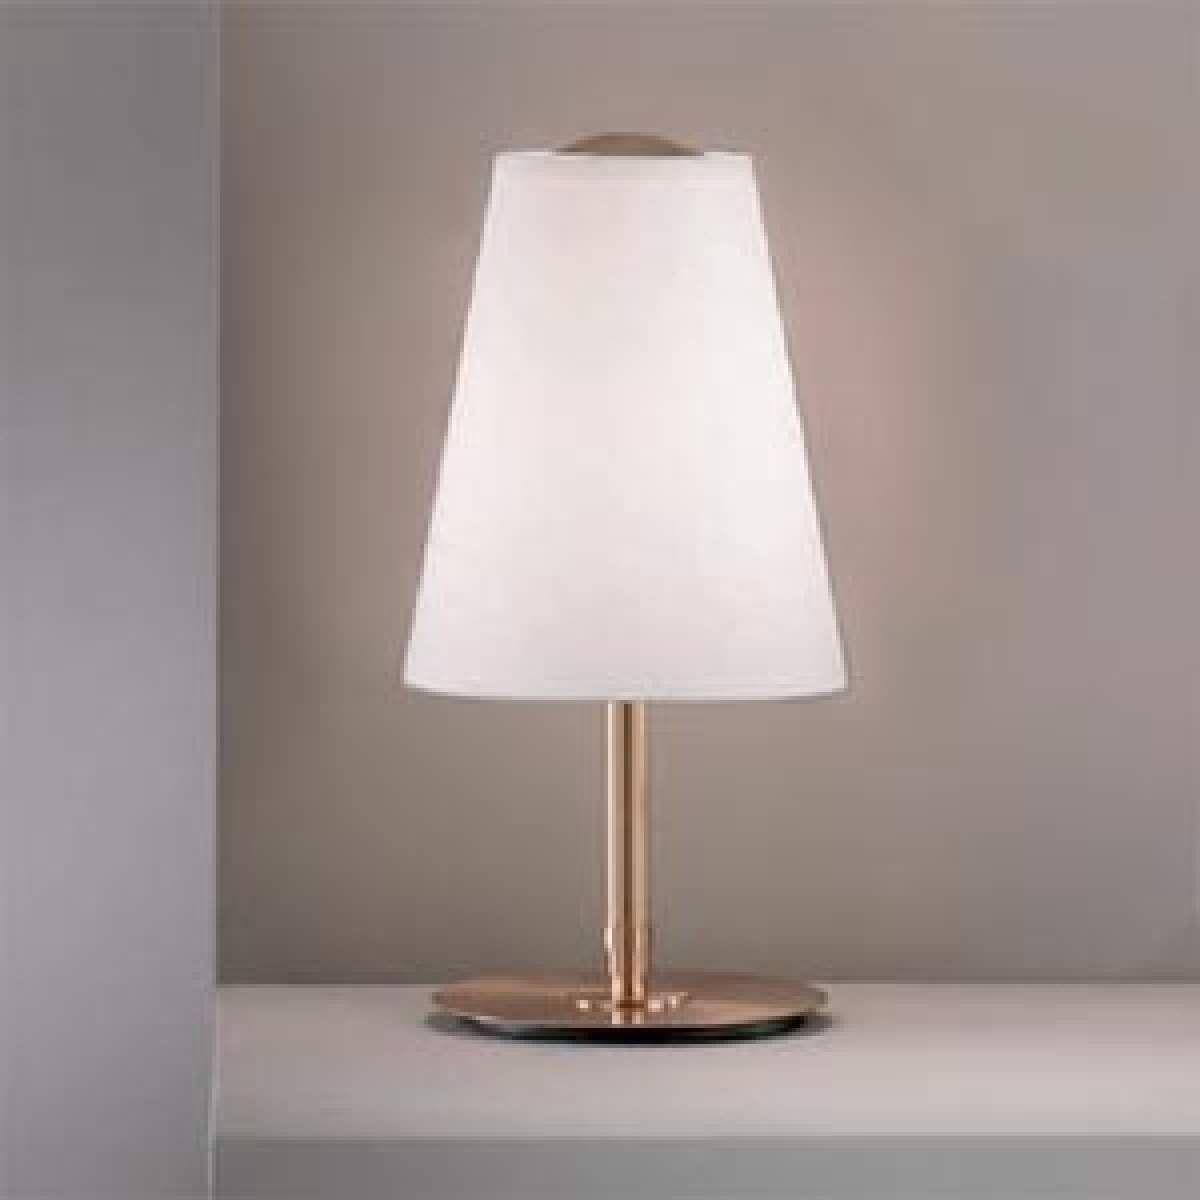 Tischleuchte Clemo Hohe 38 Cm Gold Von Pamalux Lampe Lampentisch Lampenschirm Weiss